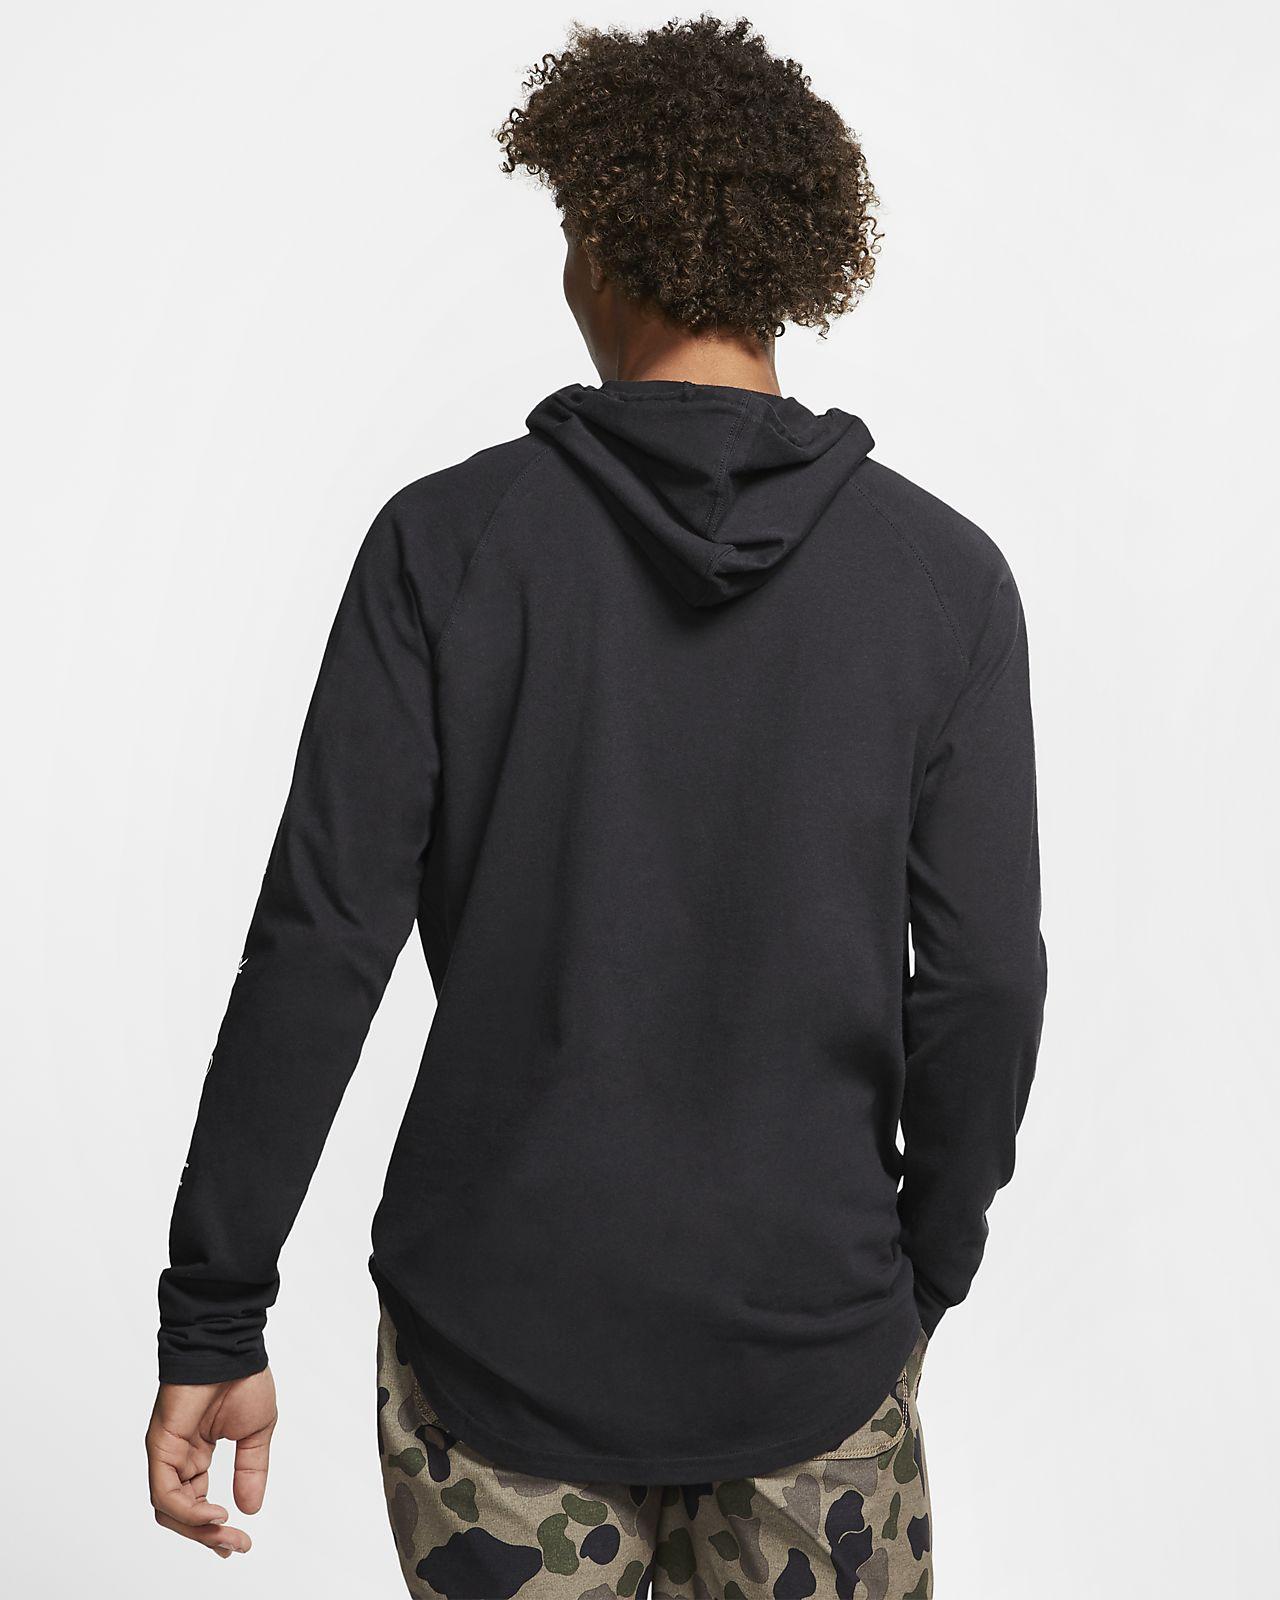 Lange Hoodie Heren.Hurley Premium Mod Hoodie Met Lange Mouwen Voor Heren Nike Com Nl